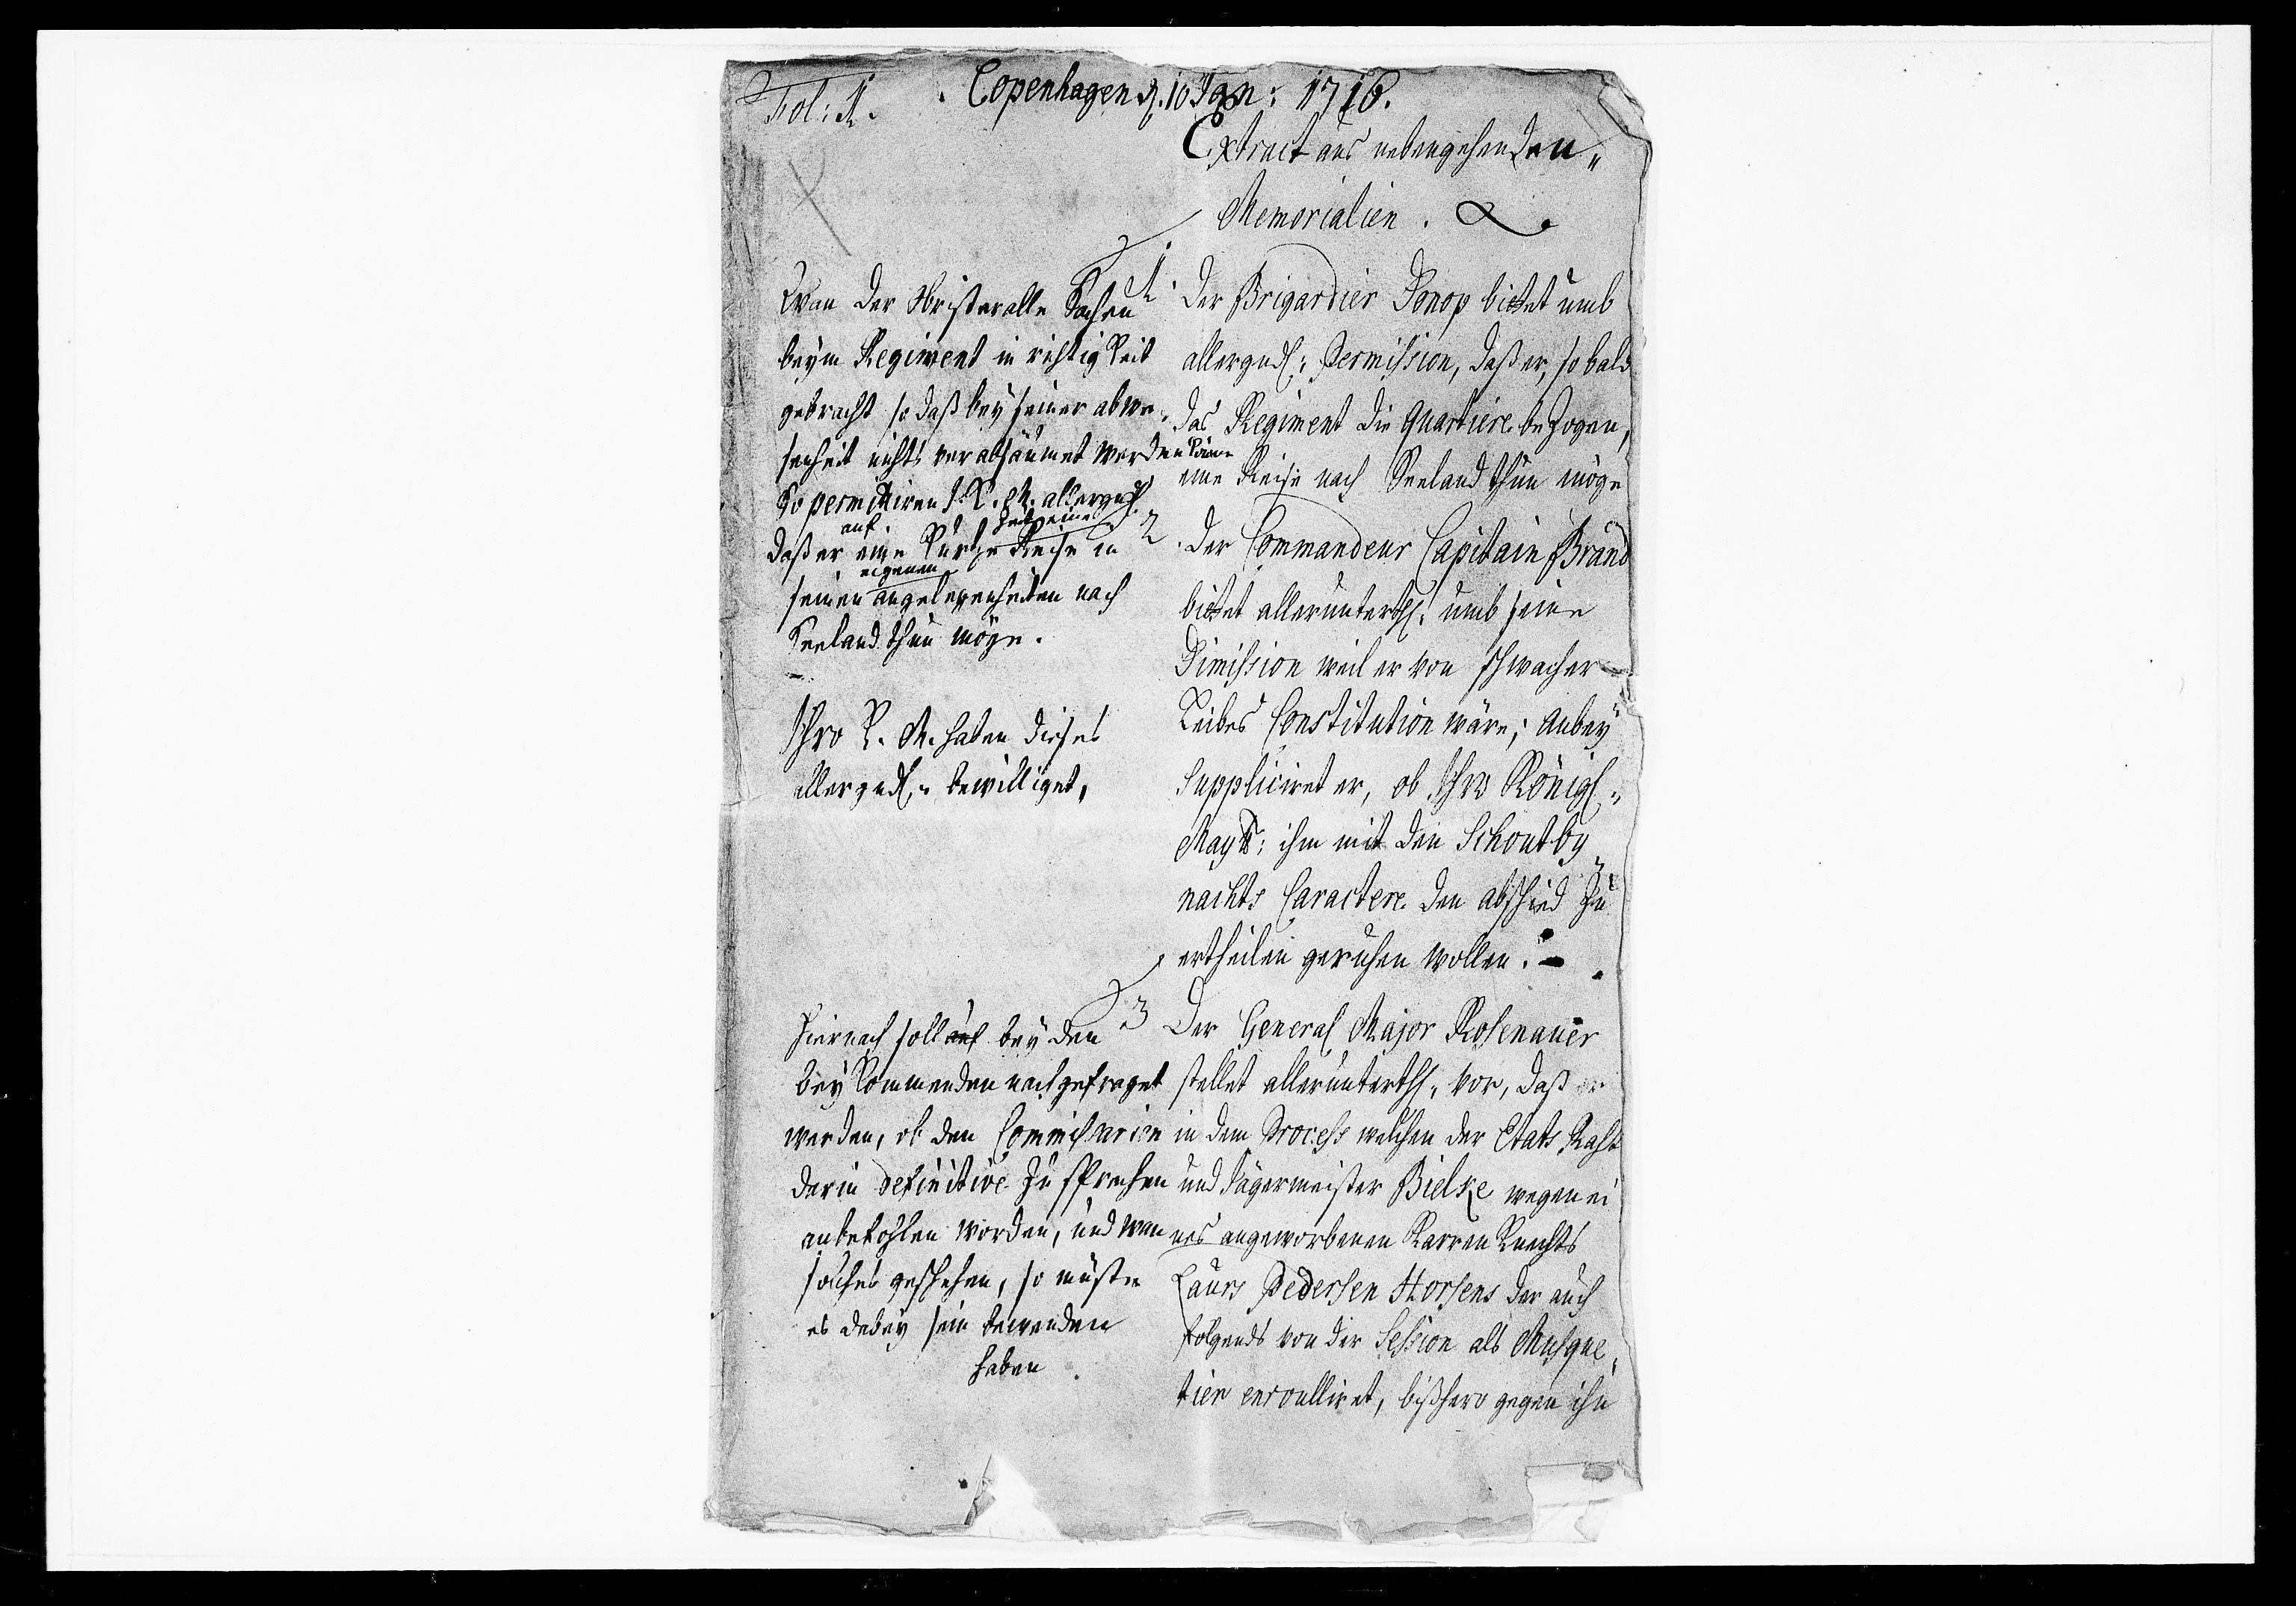 DRA, Krigskollegiet, Krigskancelliet, -/1025-1036: Refererede sager, 1716, s. 2